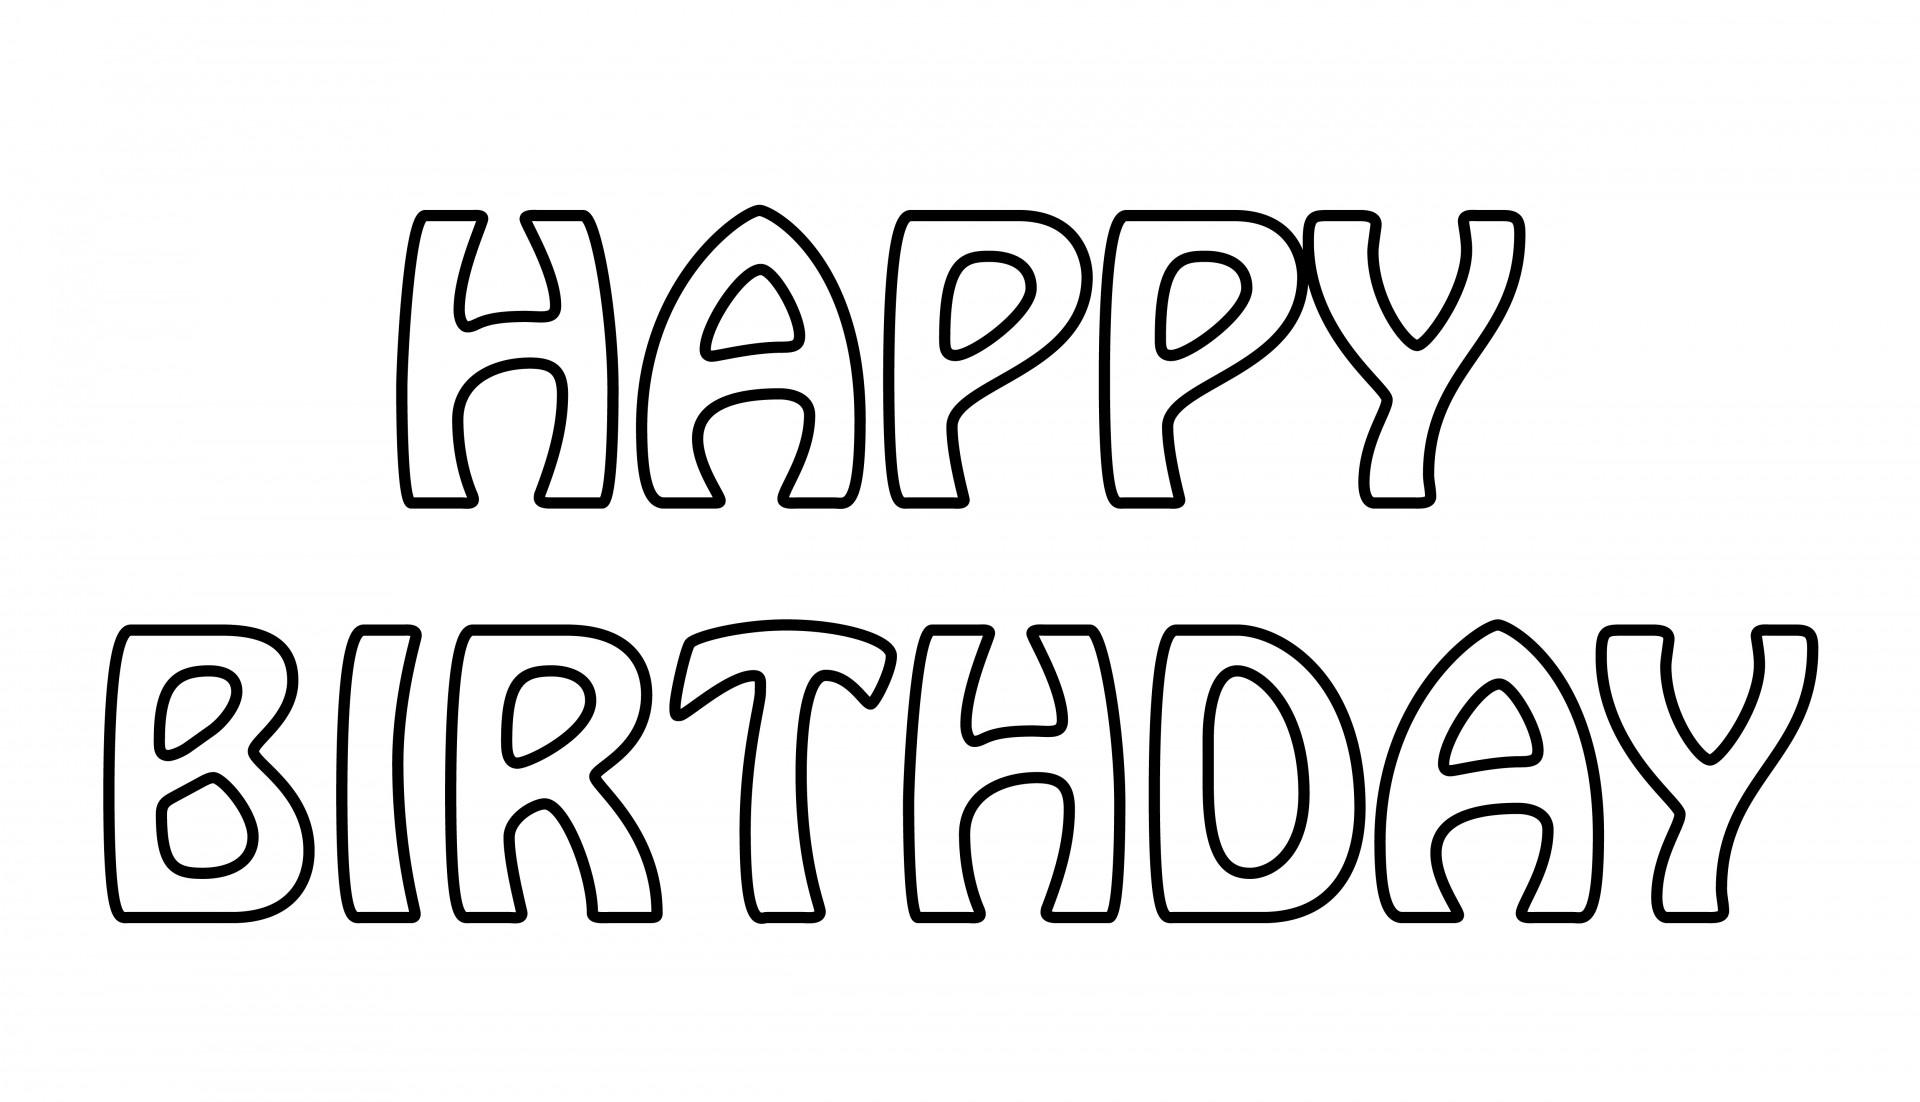 One Line Ascii Art Party : Happy birthday ascii text art one line